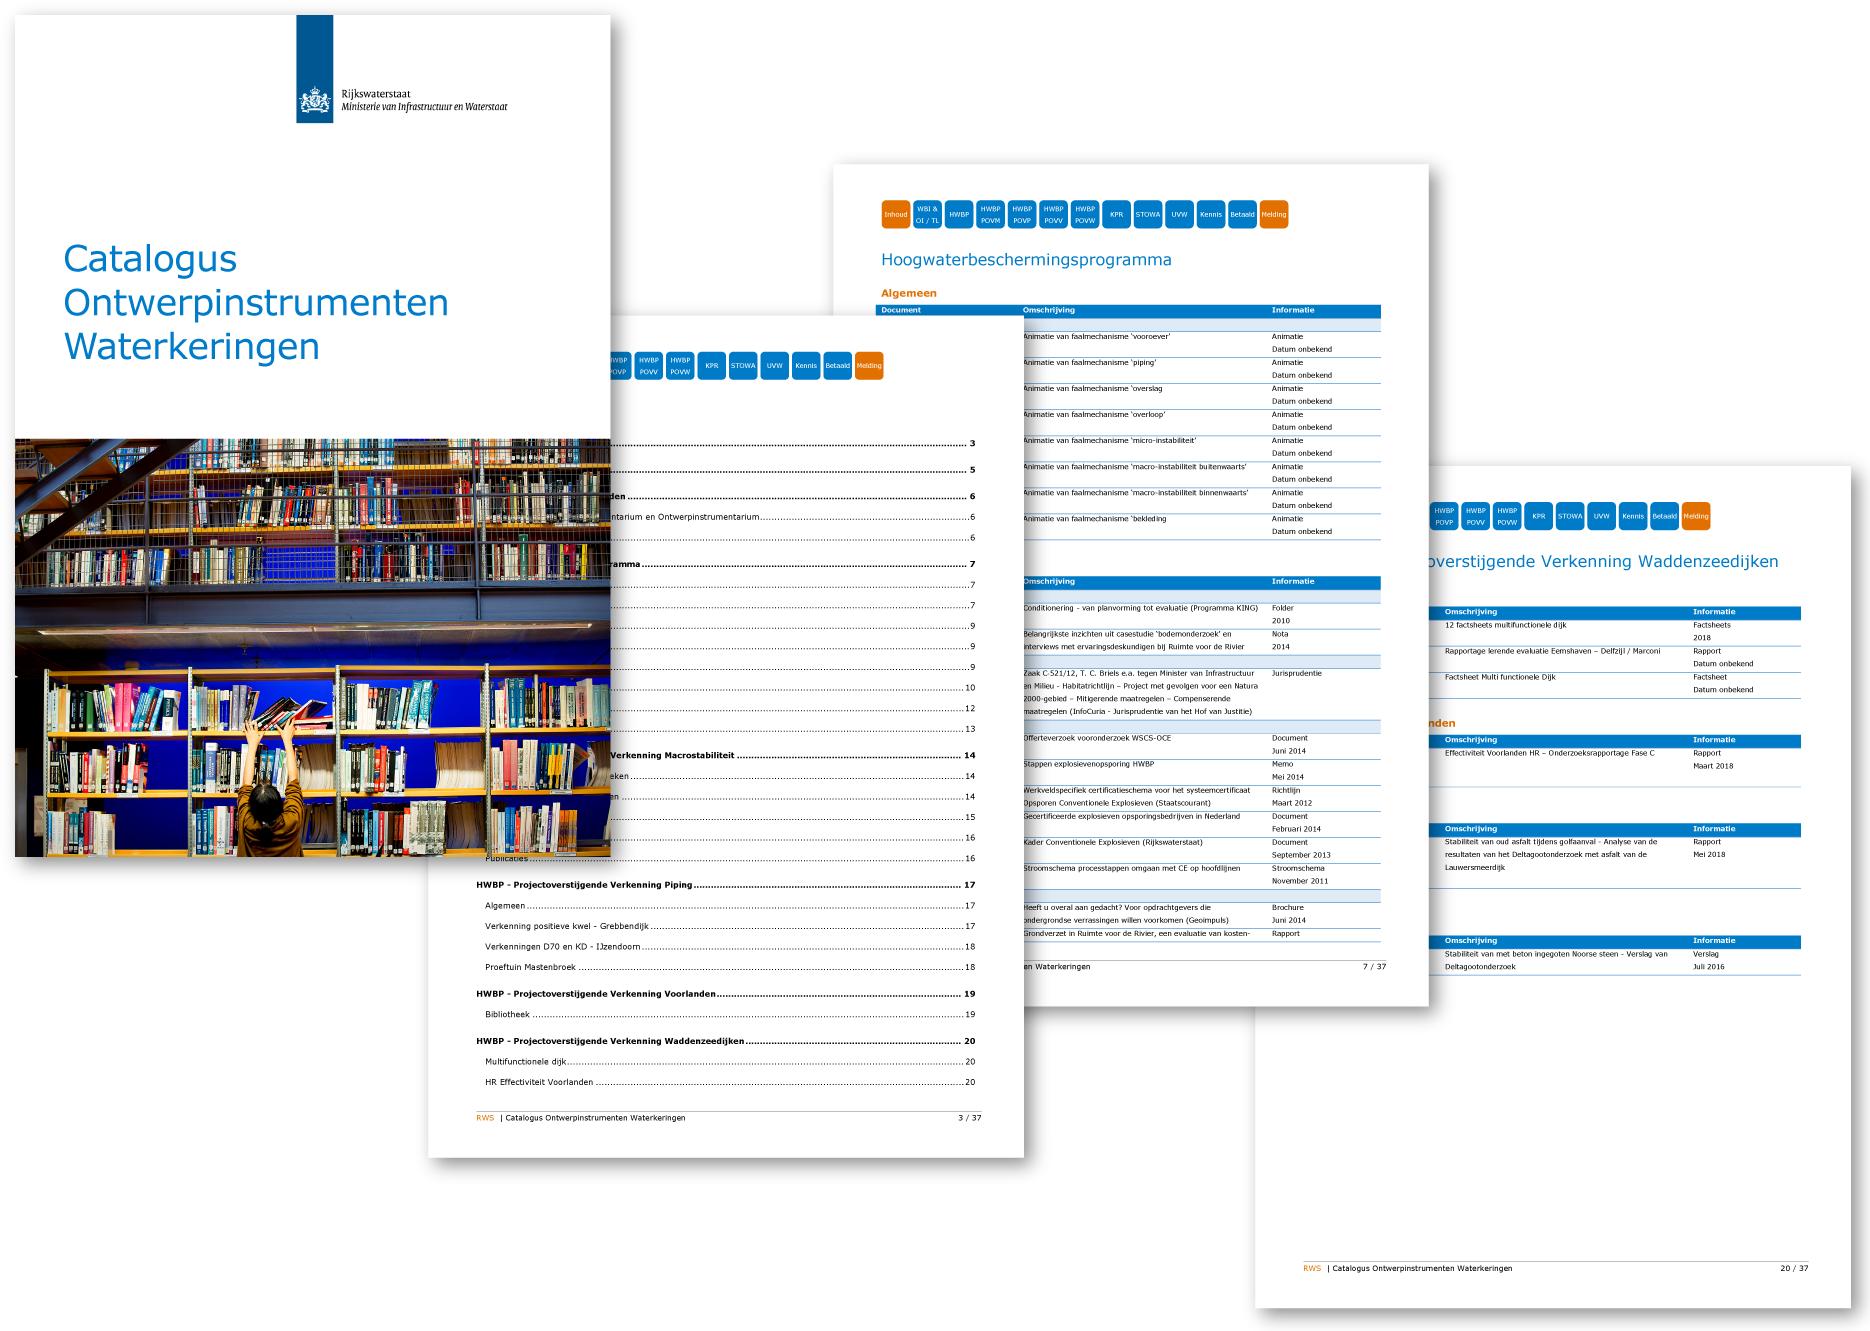 Catalogus Ontwerpinstrumenten Dijkwerken (Rijkswaterstaat)